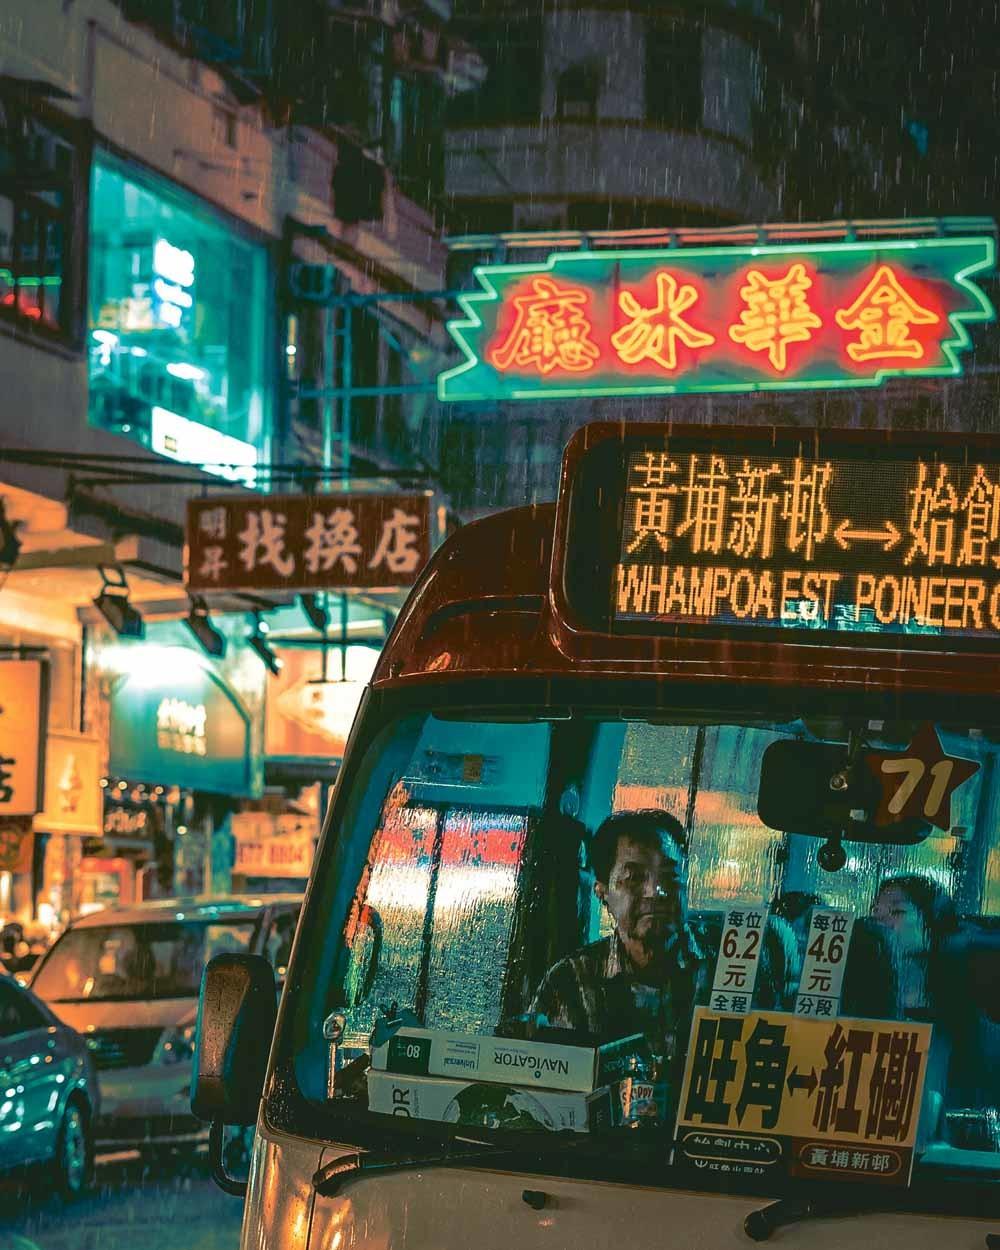 Du Qiang sliep in een smerig hotel met de naam 'Goedkoop Hotel', op straat, op een gekraakt dakterras en in een daklozenopvang in een sporthal © Sean Foley / Unsplash